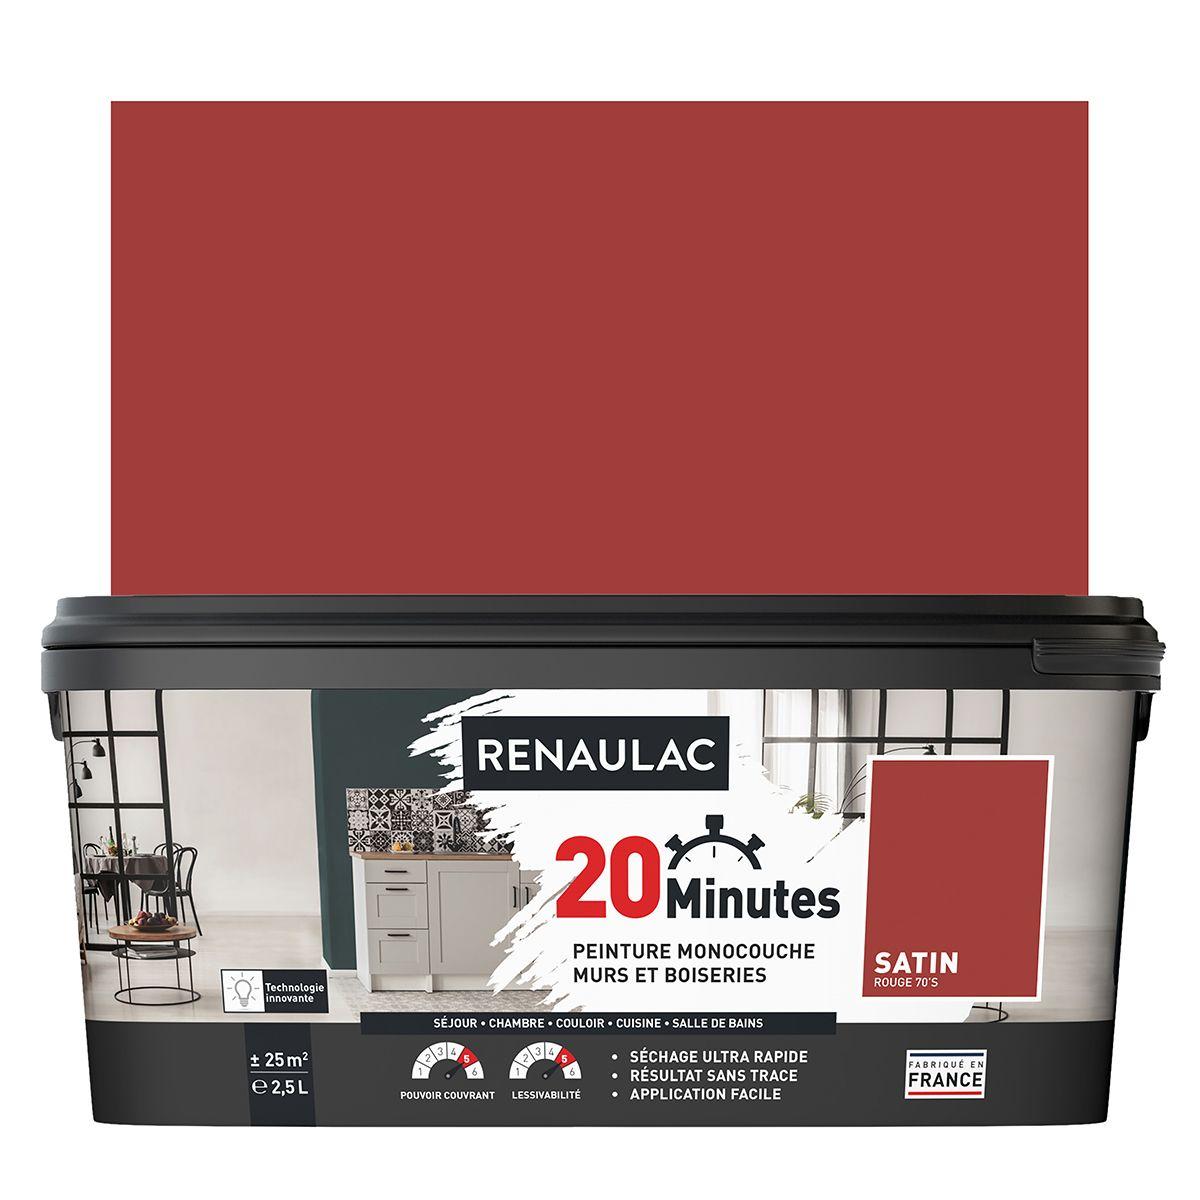 Peinture rouge 70's satin 20 minutes chrono Renaulac